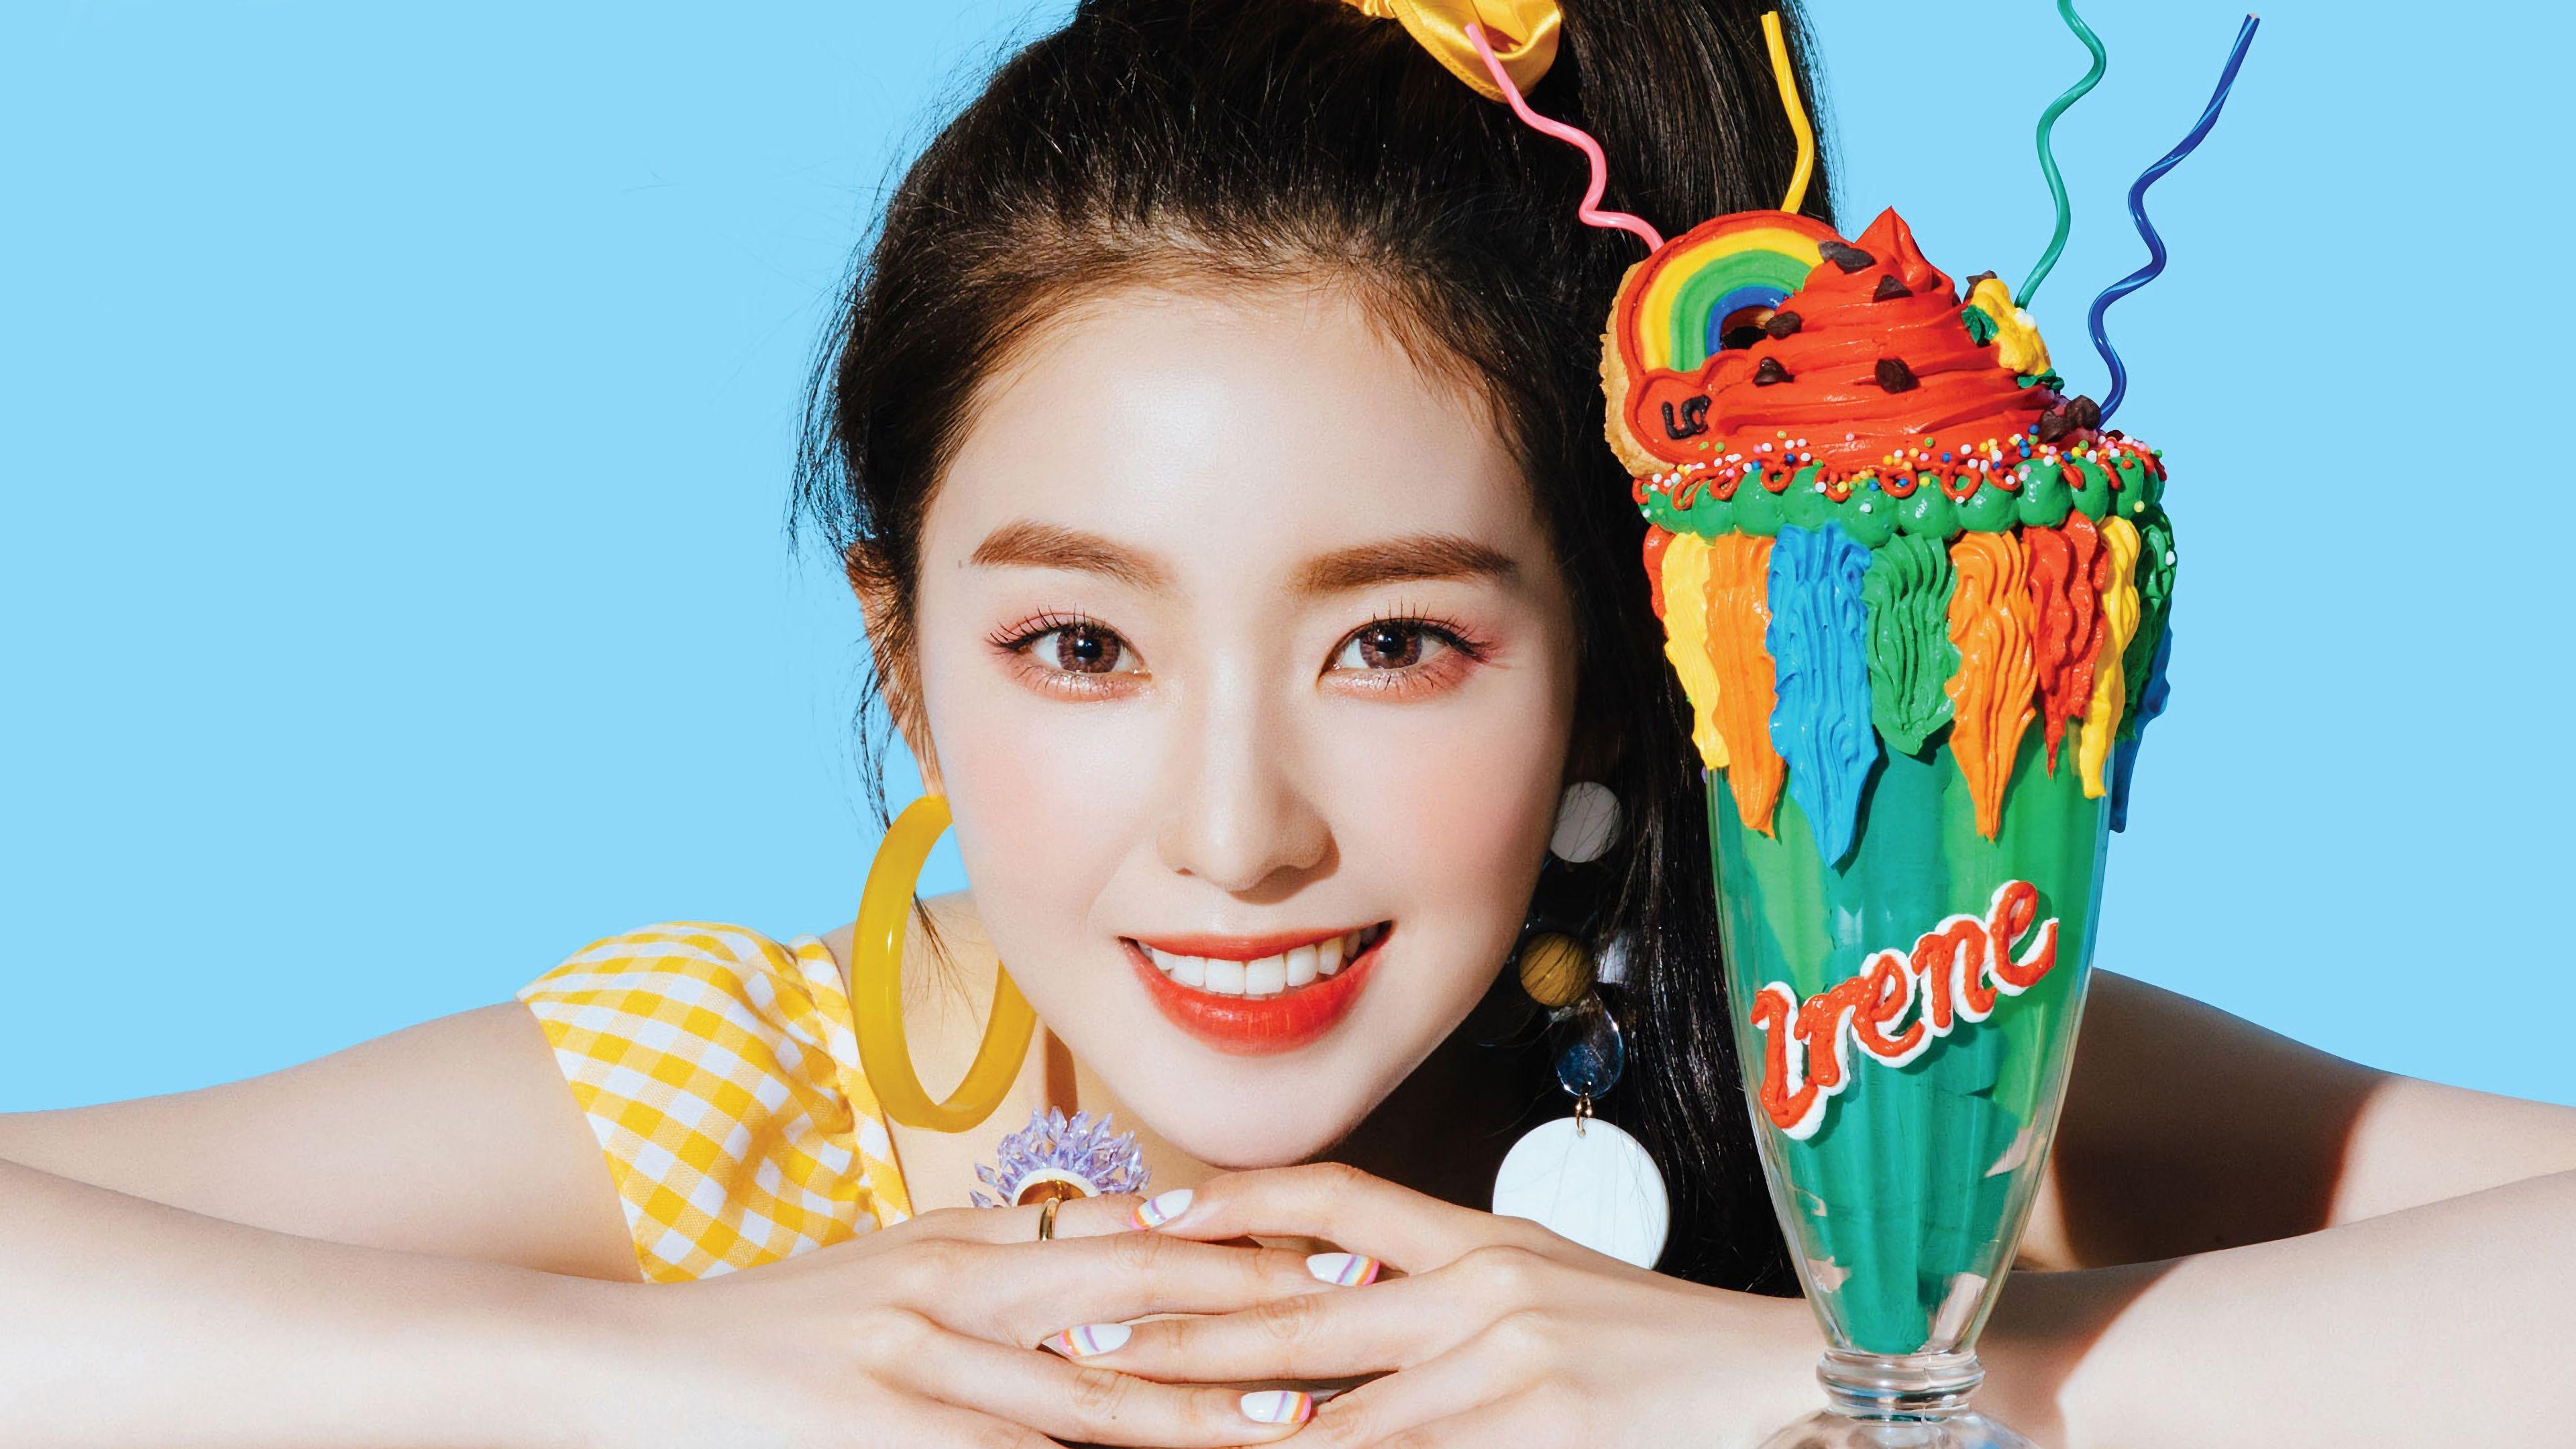 Irene Bae Joo hyun Red Velvet K Pop Girl Group Power Up 3840x2160